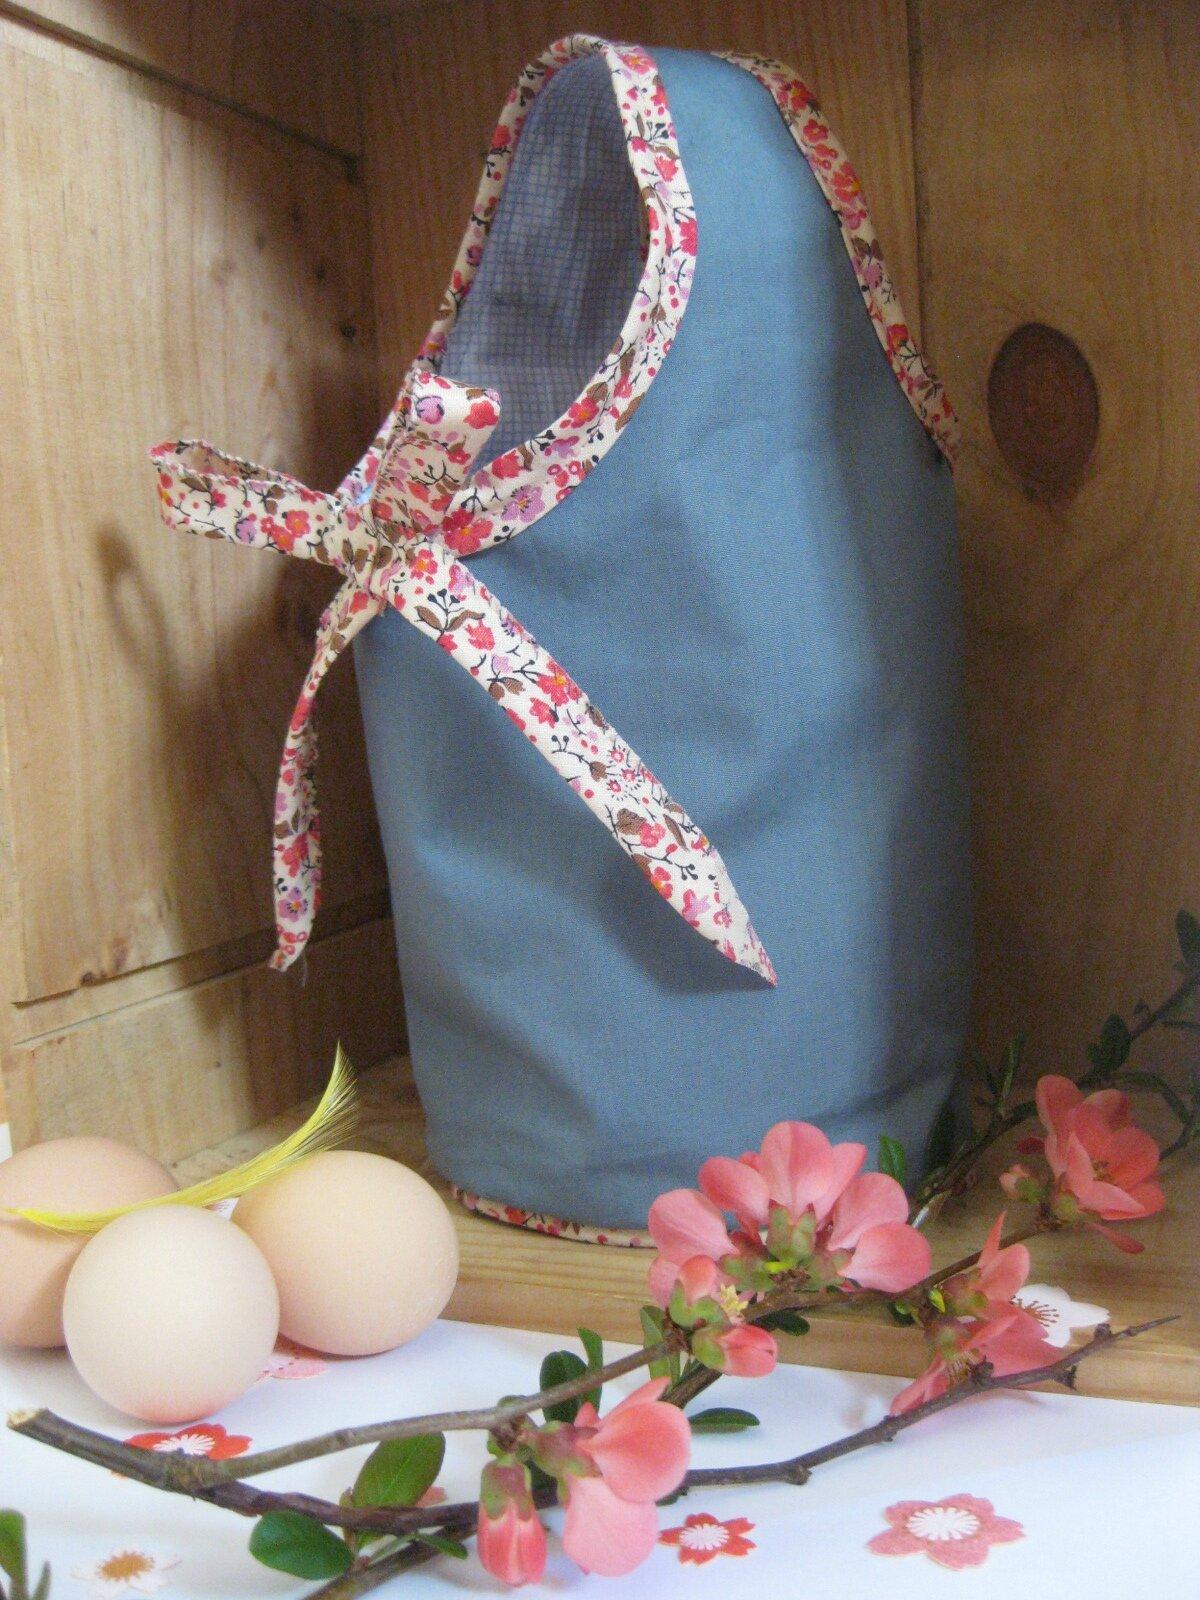 Concours abracadacraft : le sac de Printemps